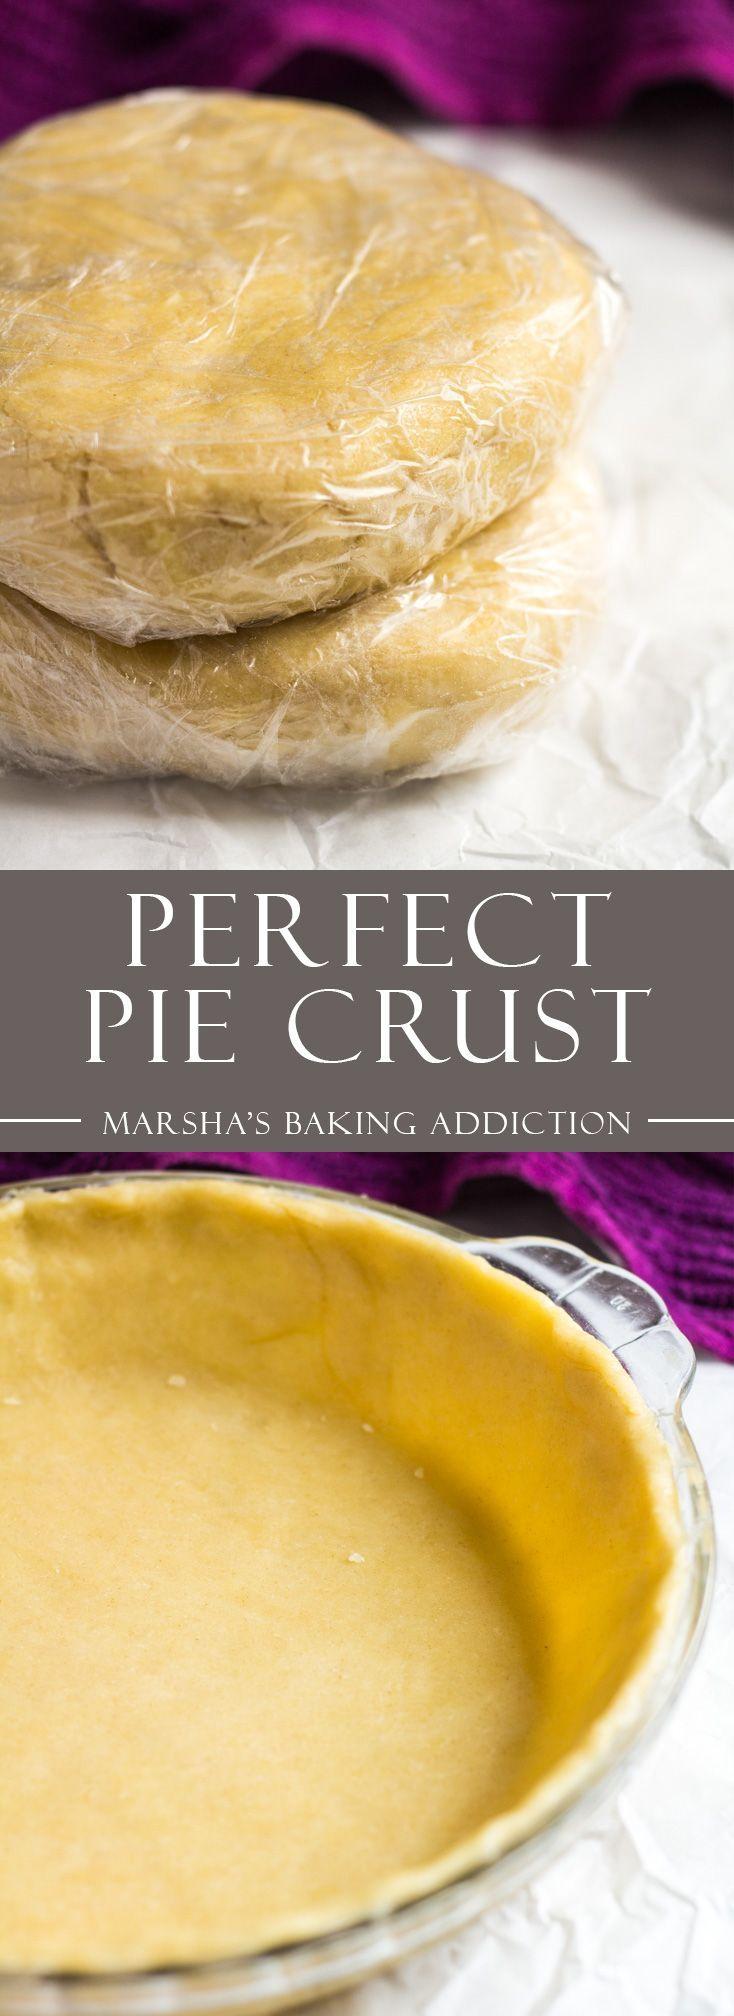 The Perfect Pie Crust | marshasbakingaddiction.com @marshasbakeblog